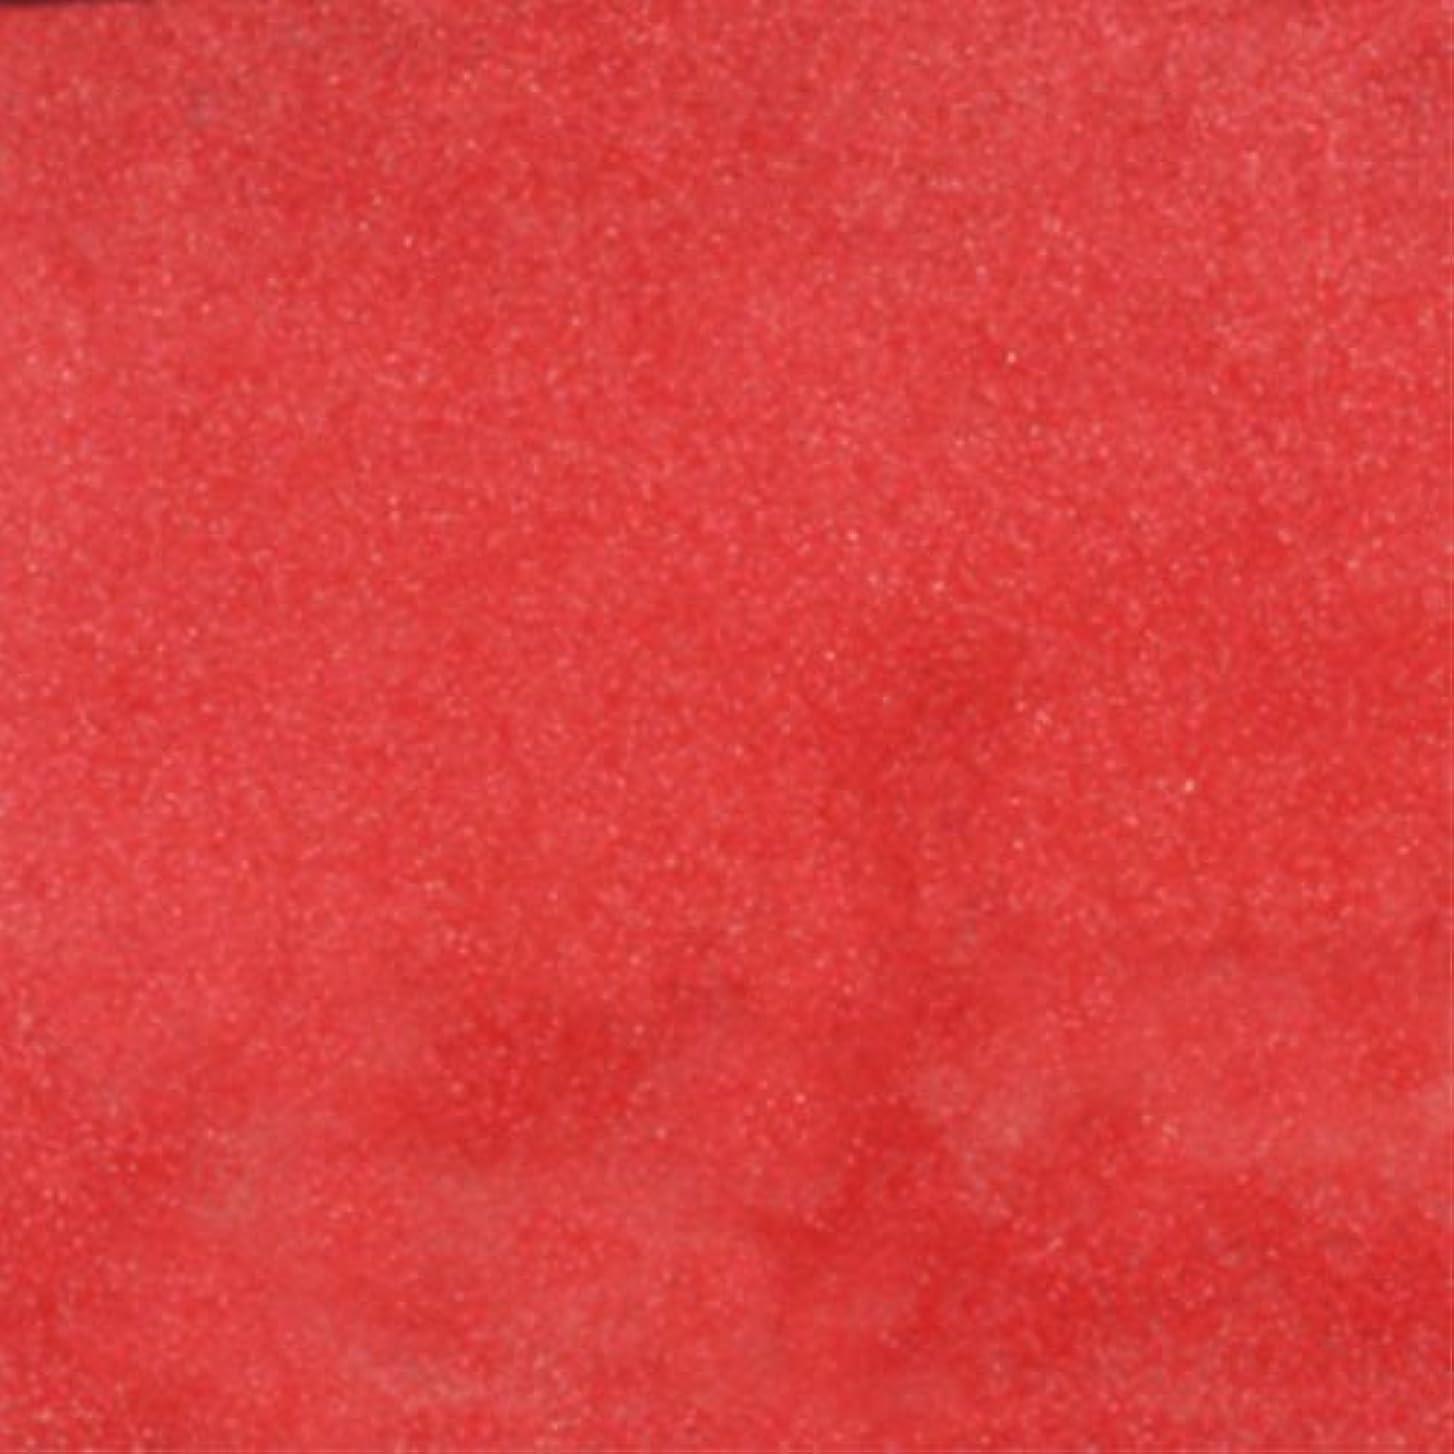 噂過言振る舞いピカエース ネイル用パウダー シャインパウダー #807 赤色 0.25g